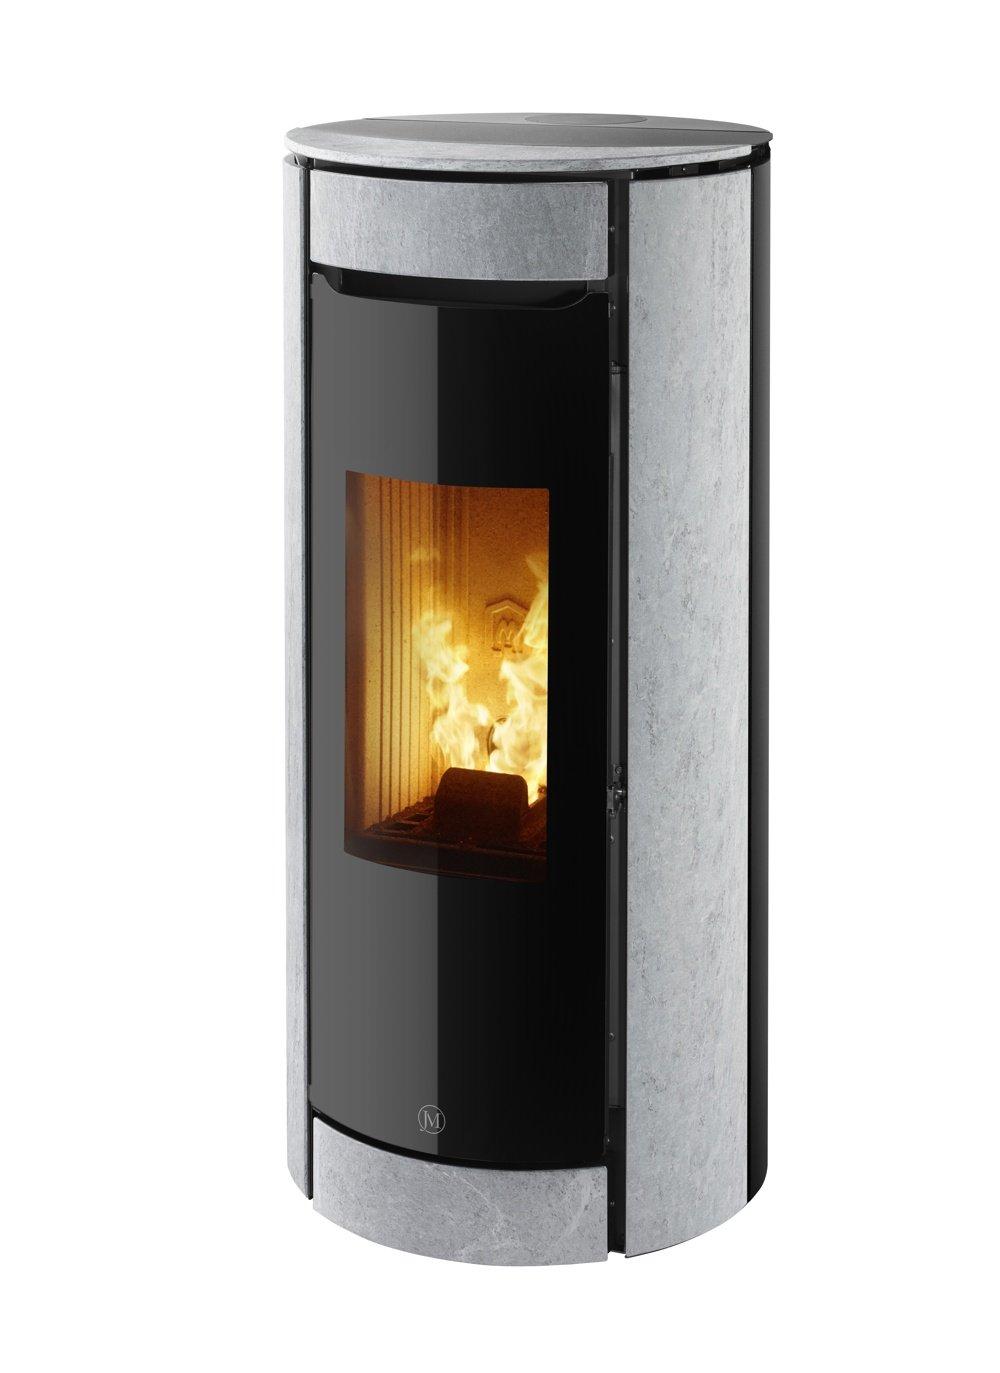 Thermopoêle air pellets BOTERO 2 pierre